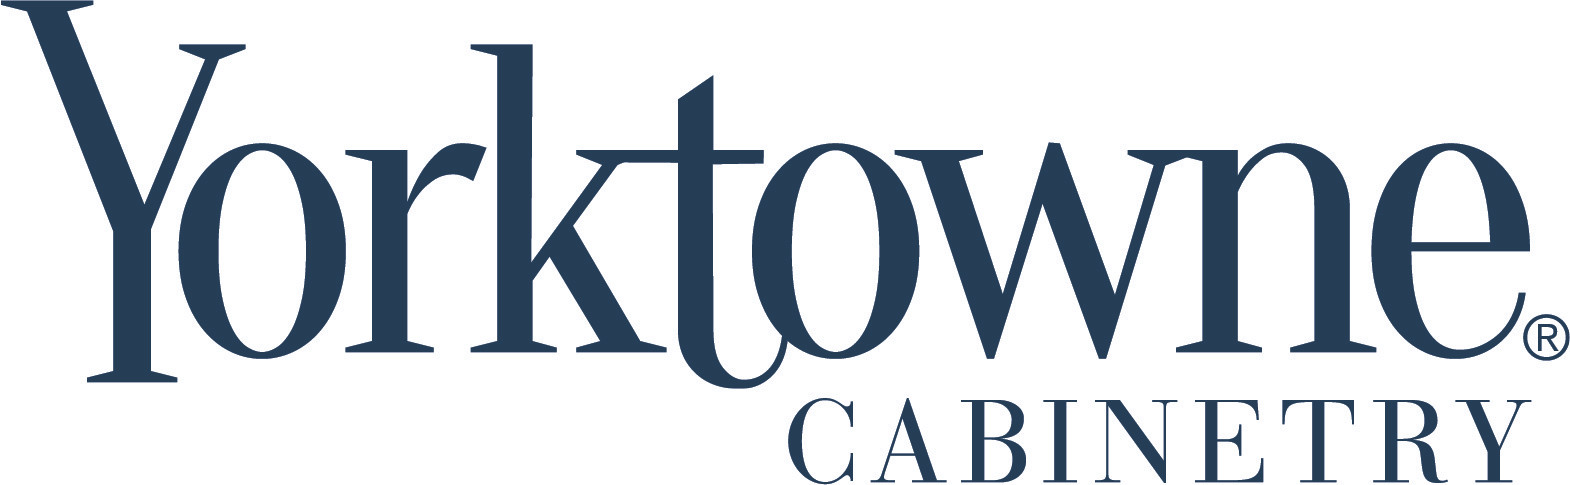 Yorktowne_Cab_4C.jpg